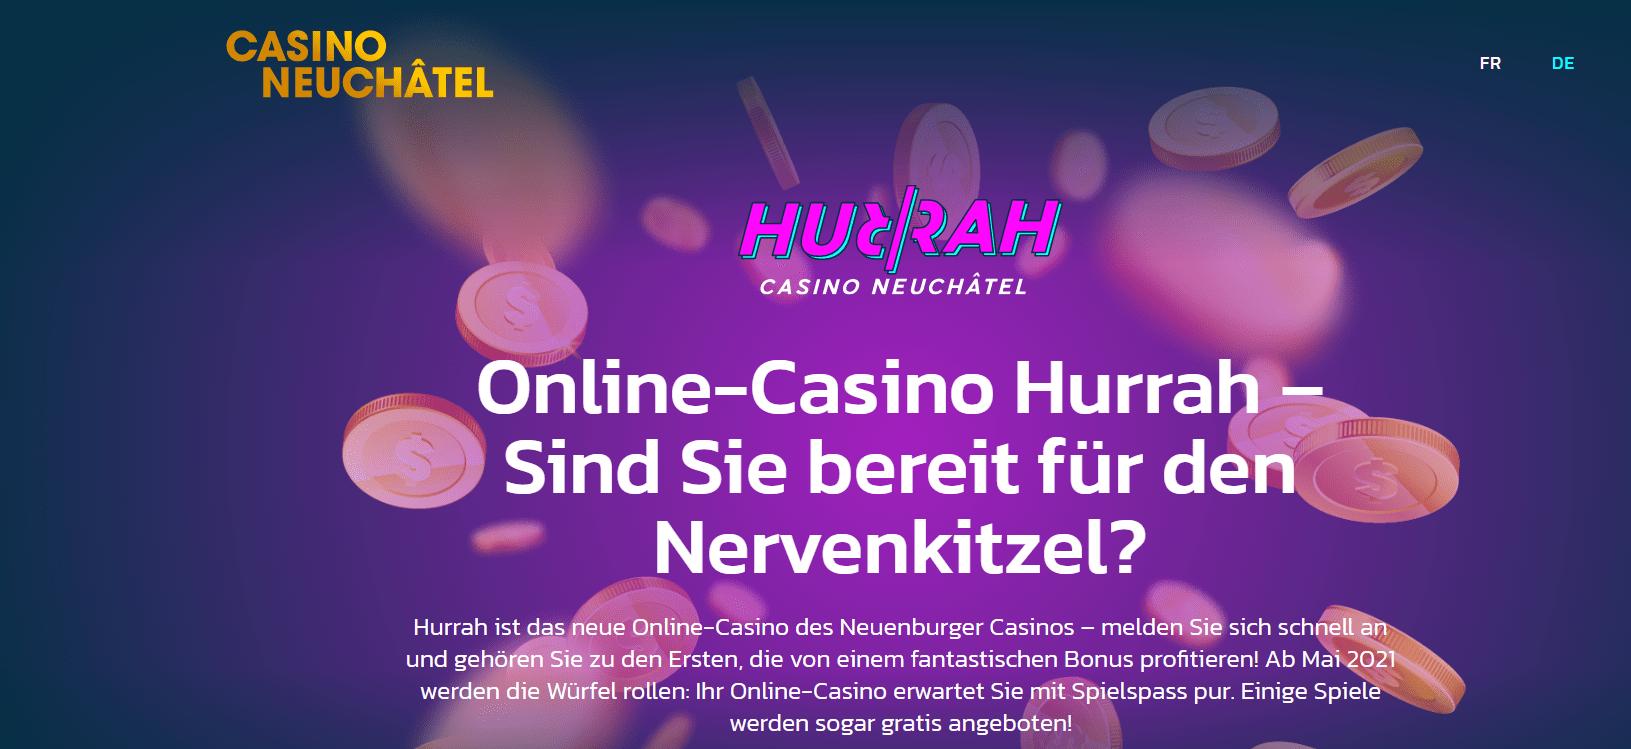 hurrah casino